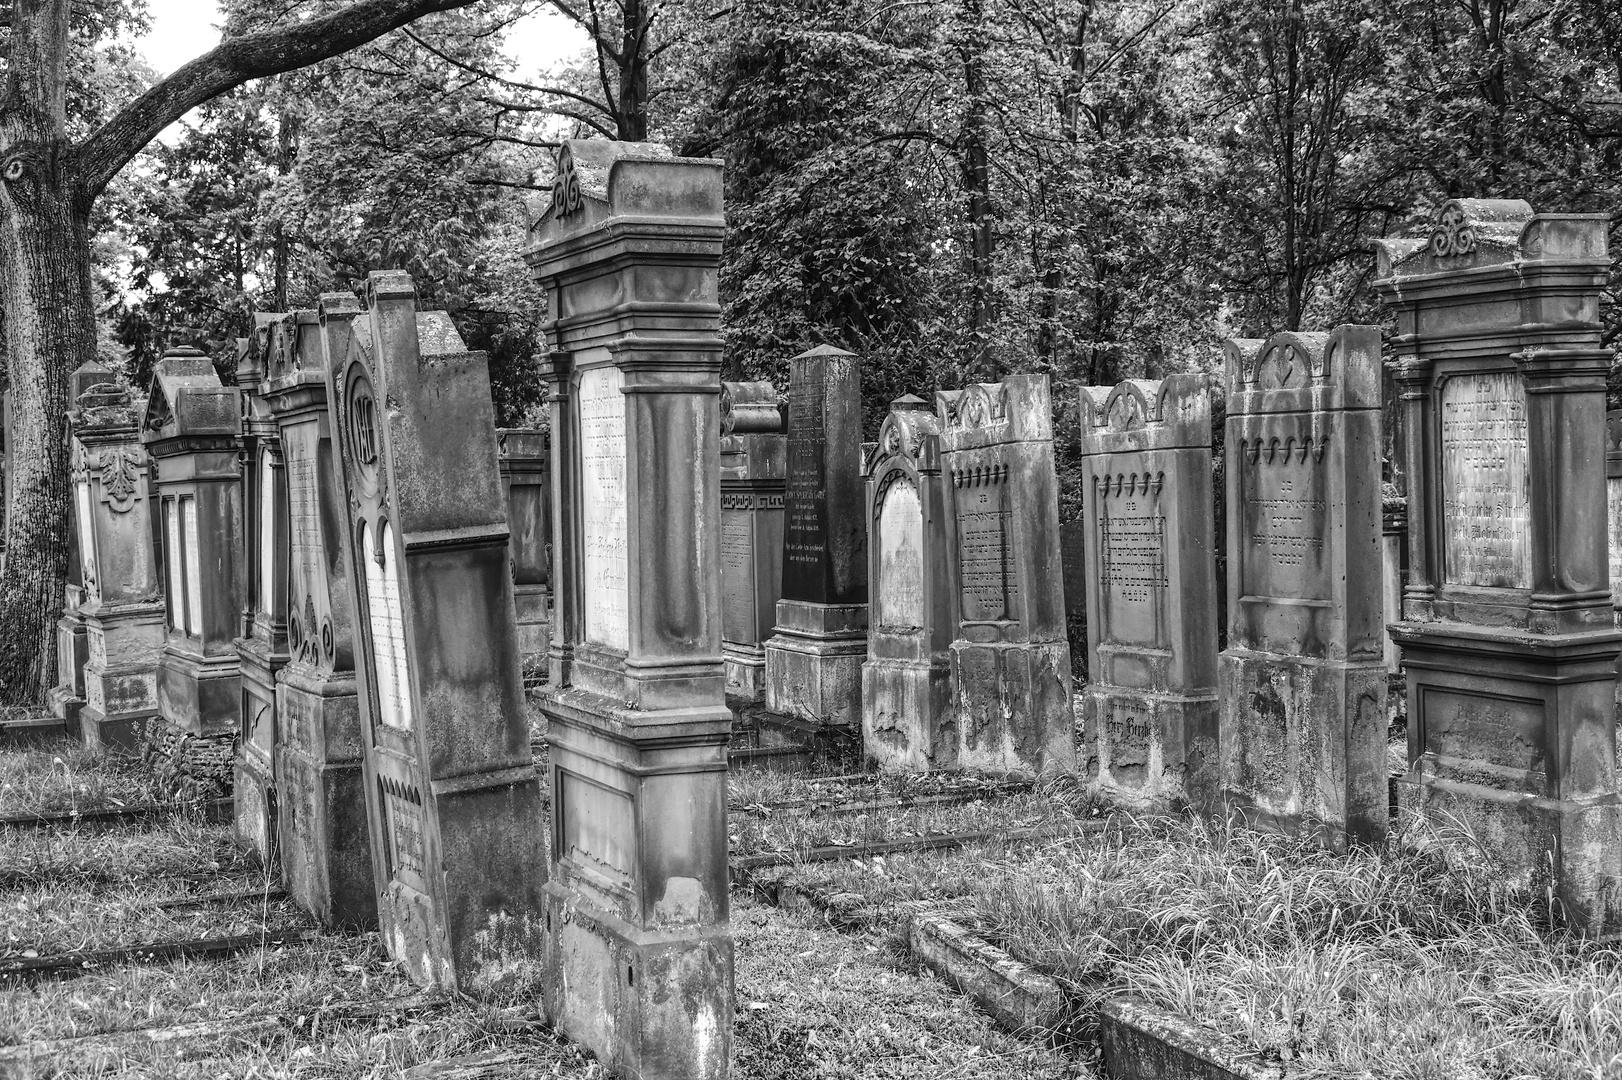 Alter Jüdischer Friedhof Offenbach am Main